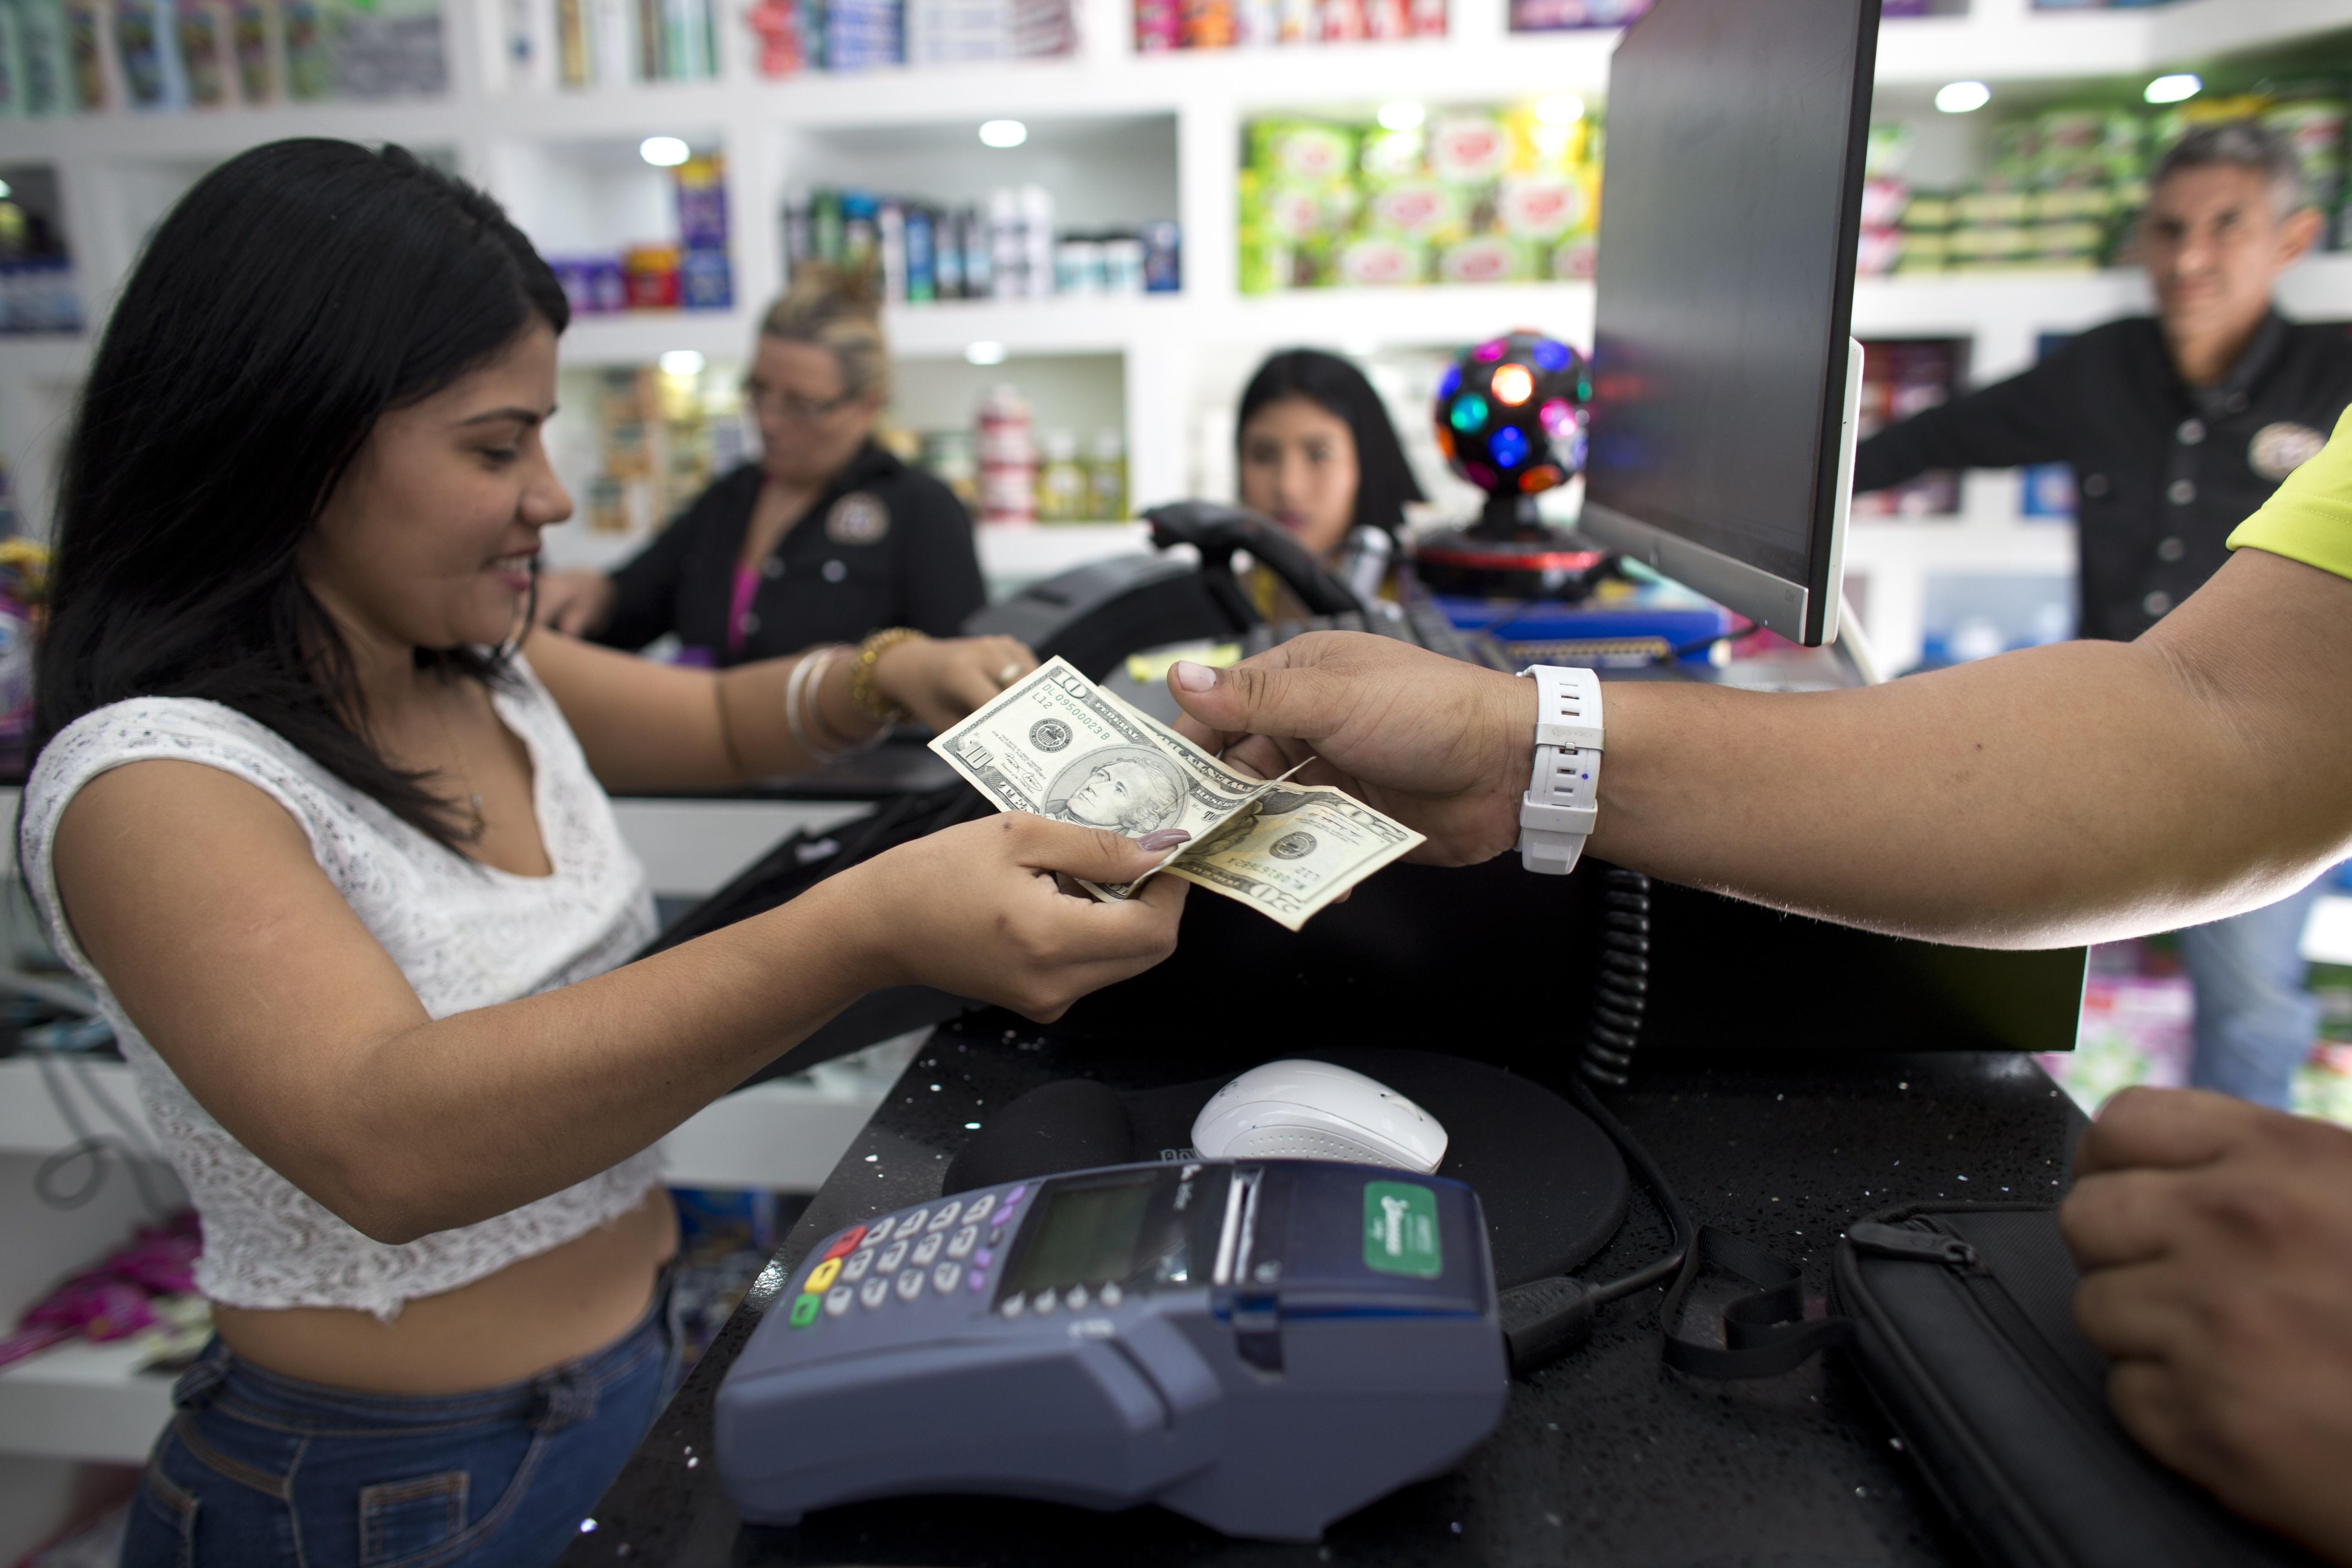 Venezuela's moribund economy shows a pulse amid US sanctions